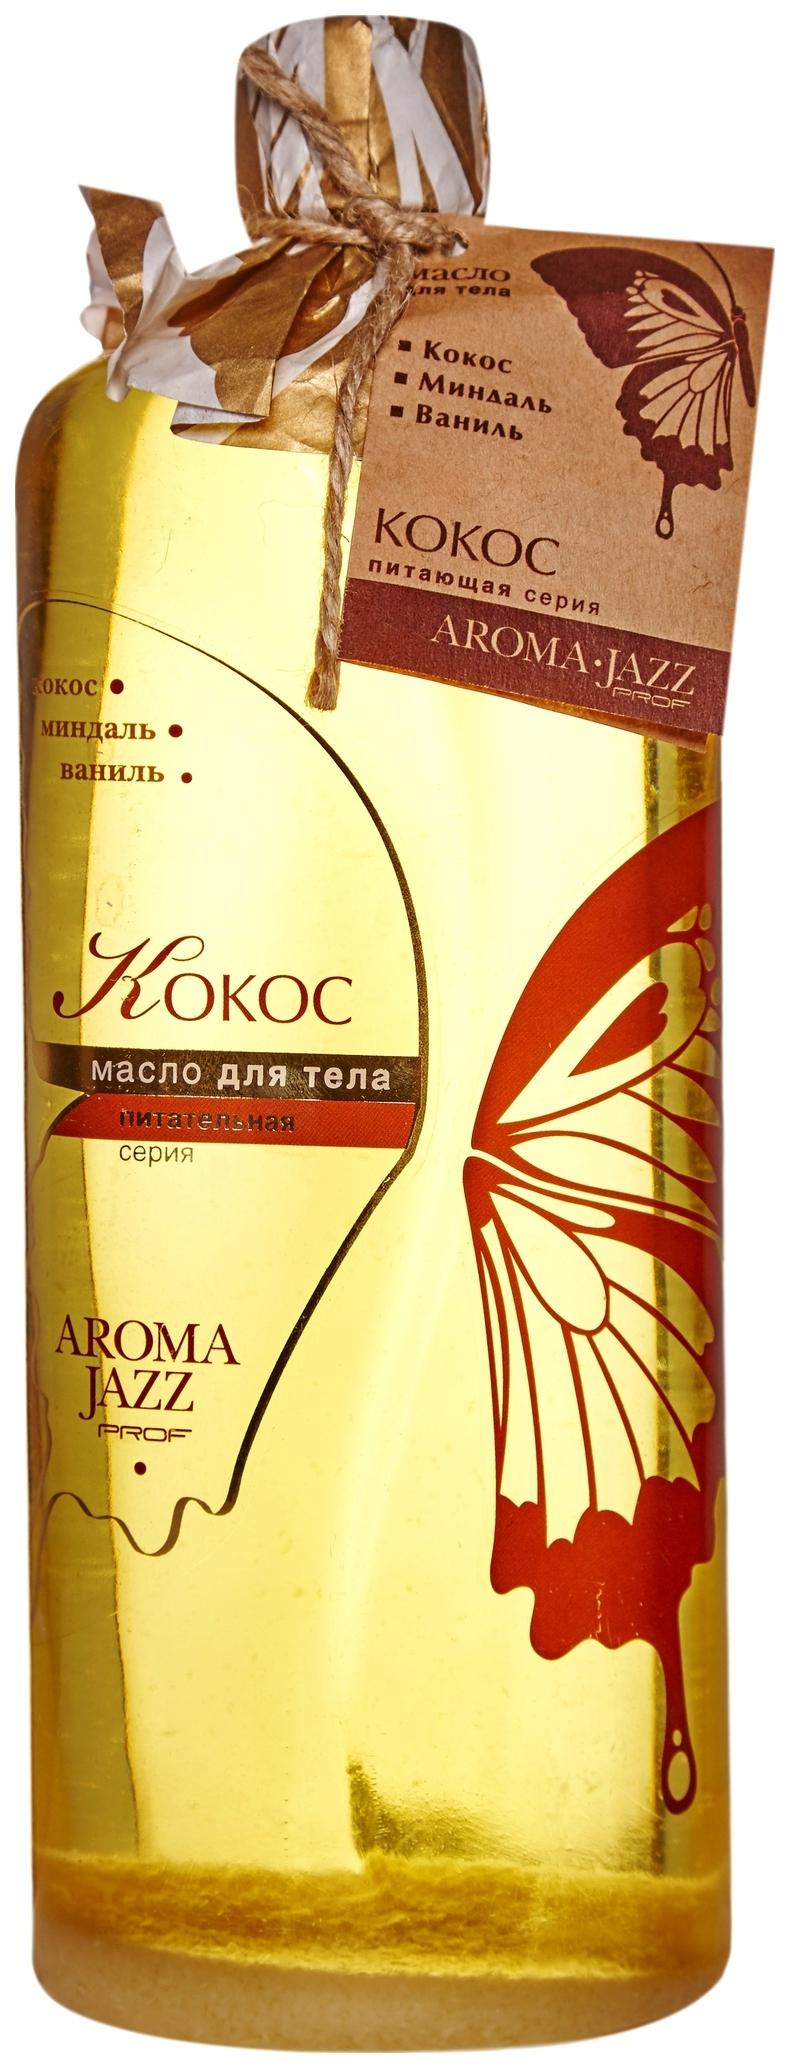 Купить Масло для тела Aroma Jazz Кокос 1 л